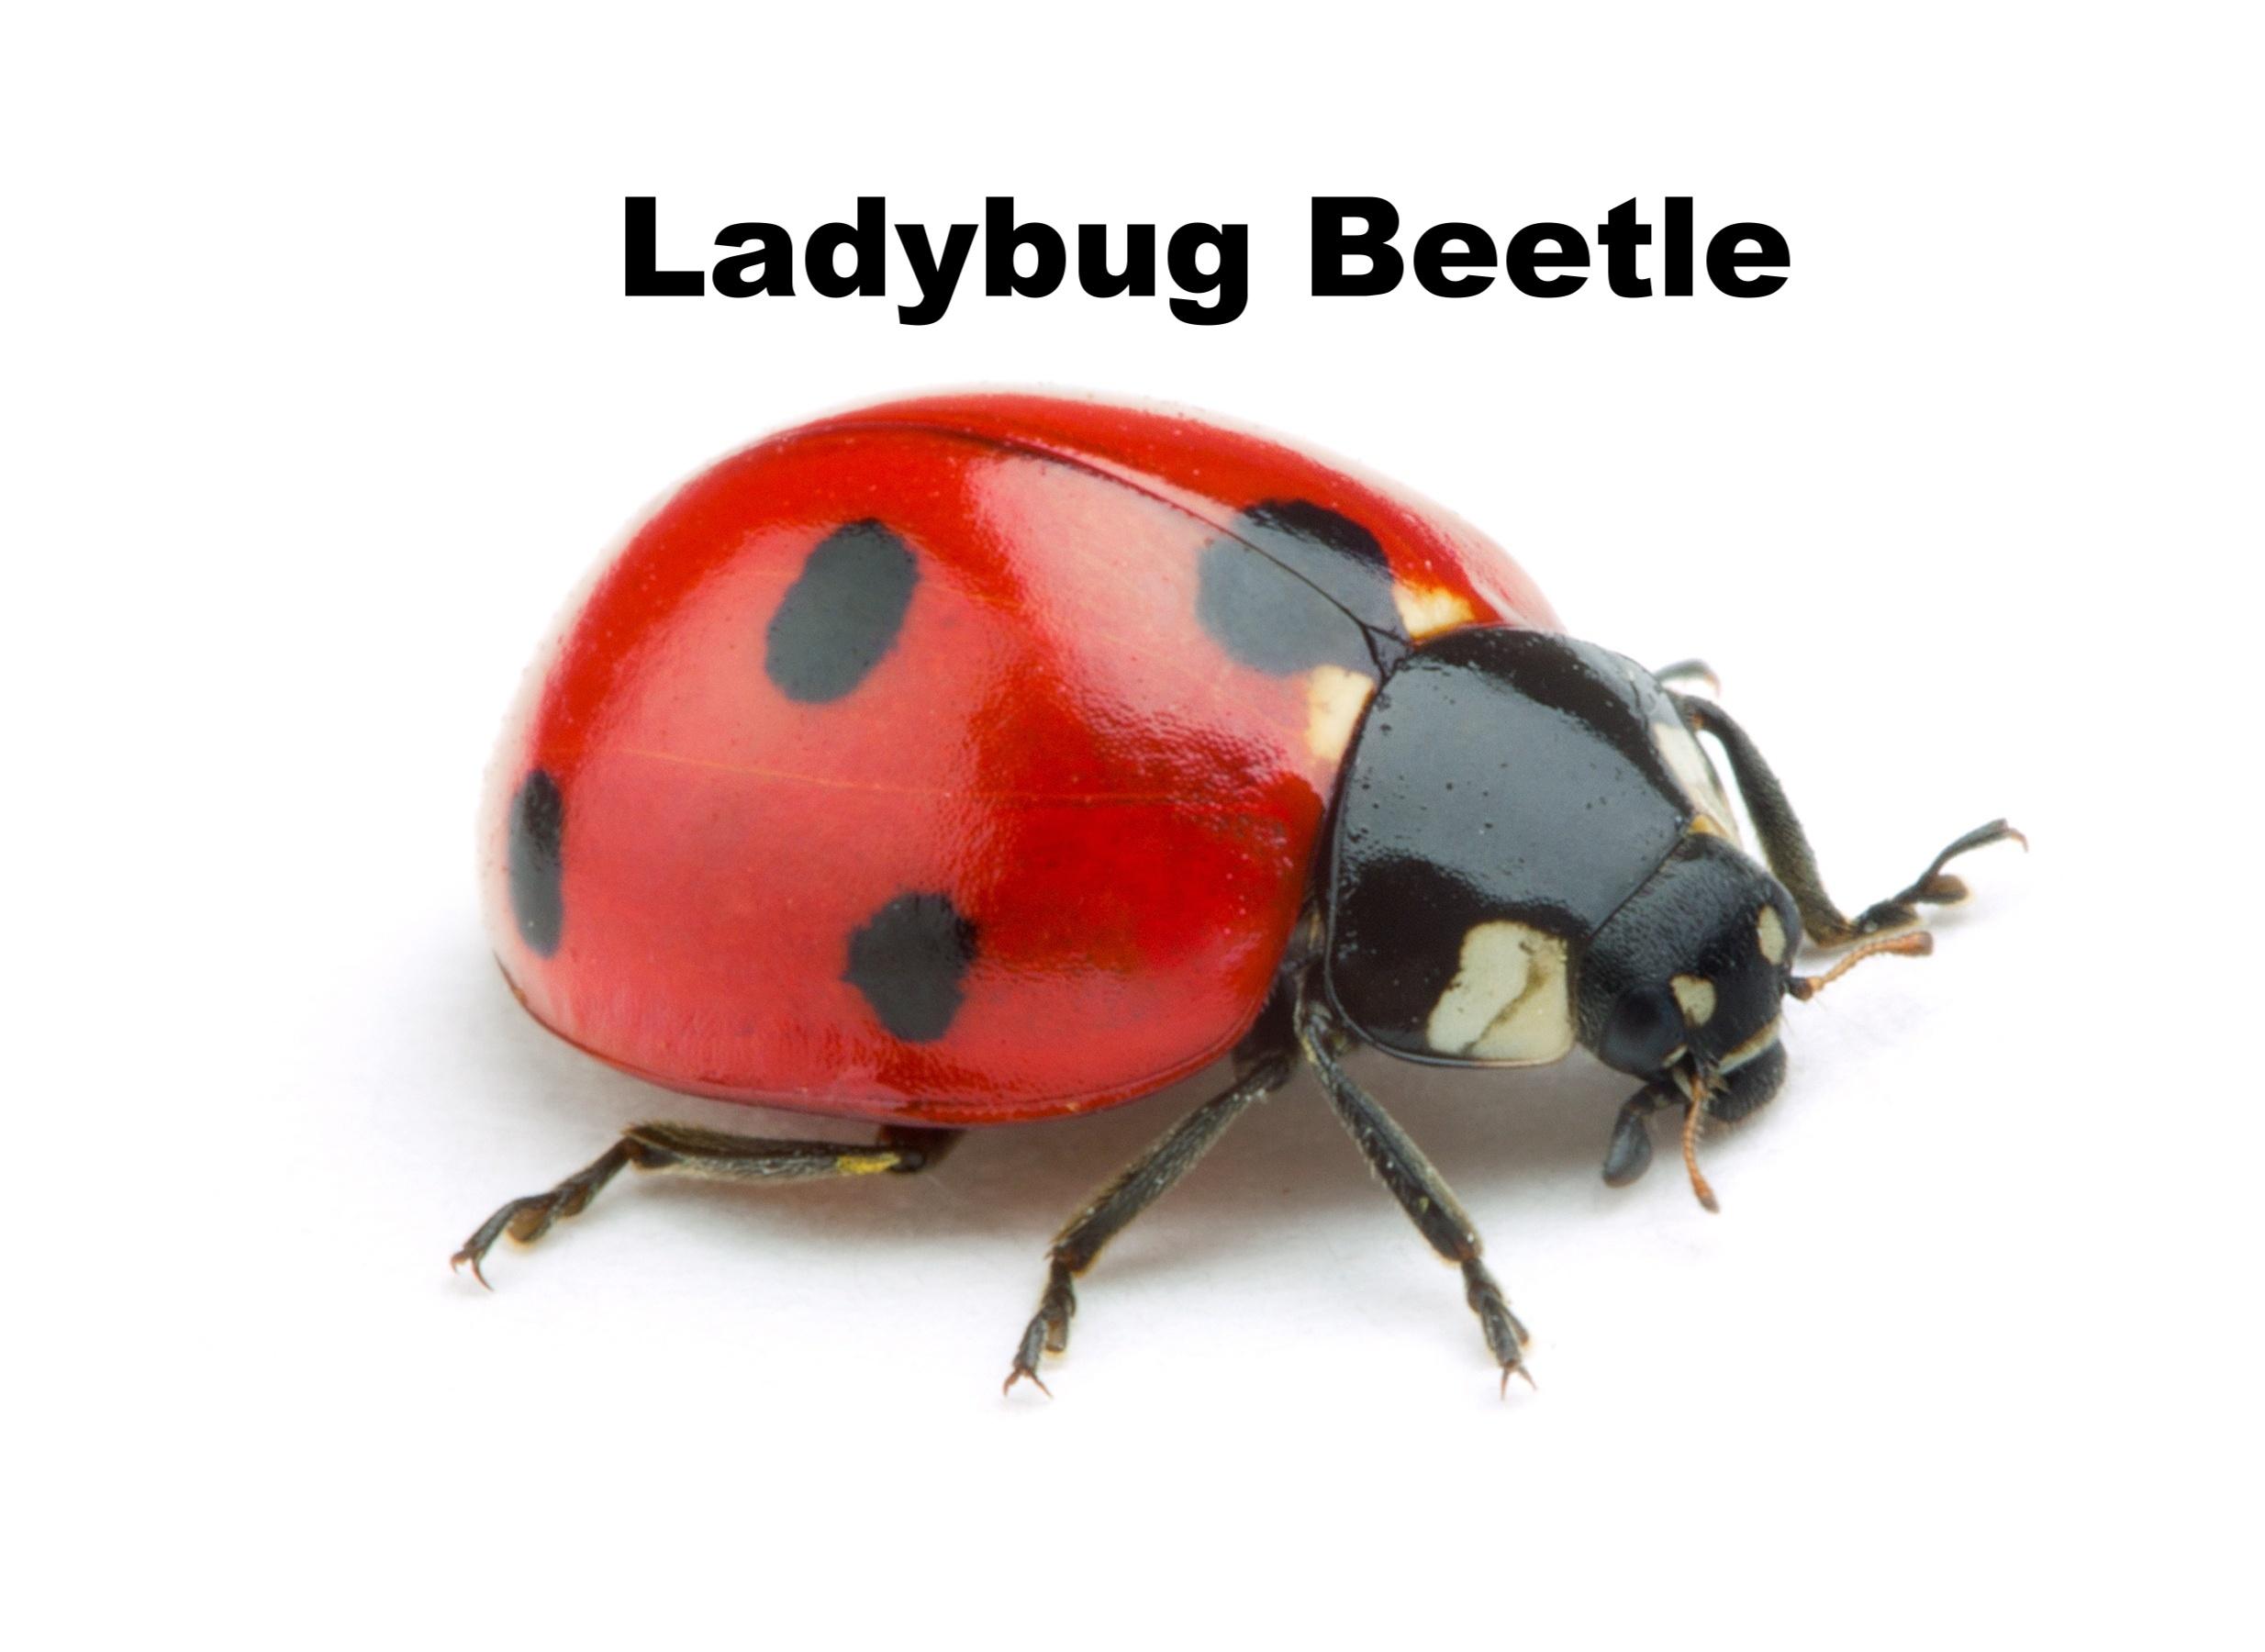 ladybug-beetle-identification-525285-edited.jpg